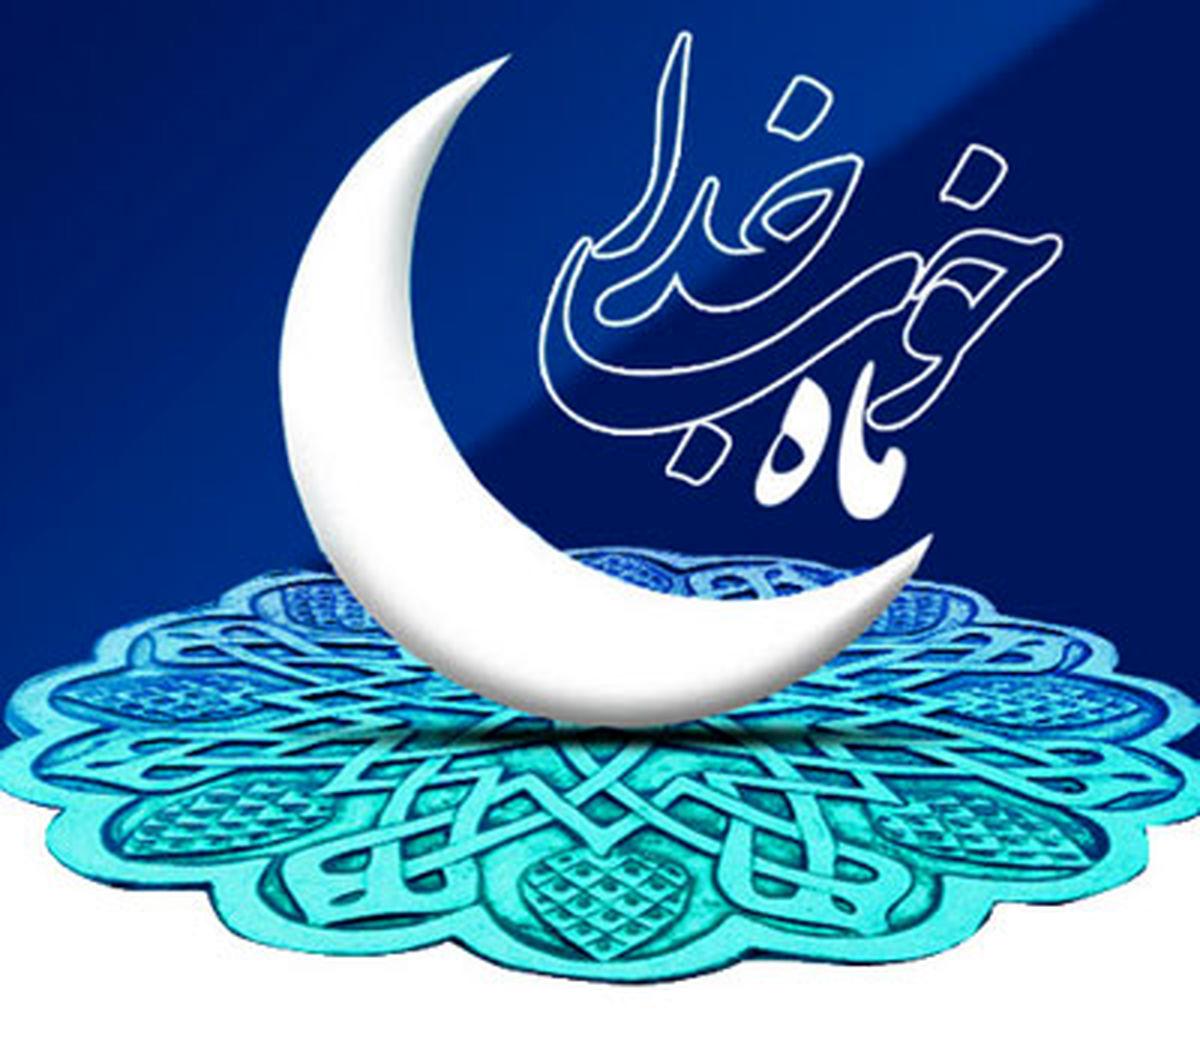 دانلود رایگان ۴۰ بنر و عکس نوشته در مورد ماه مبارک رمضان